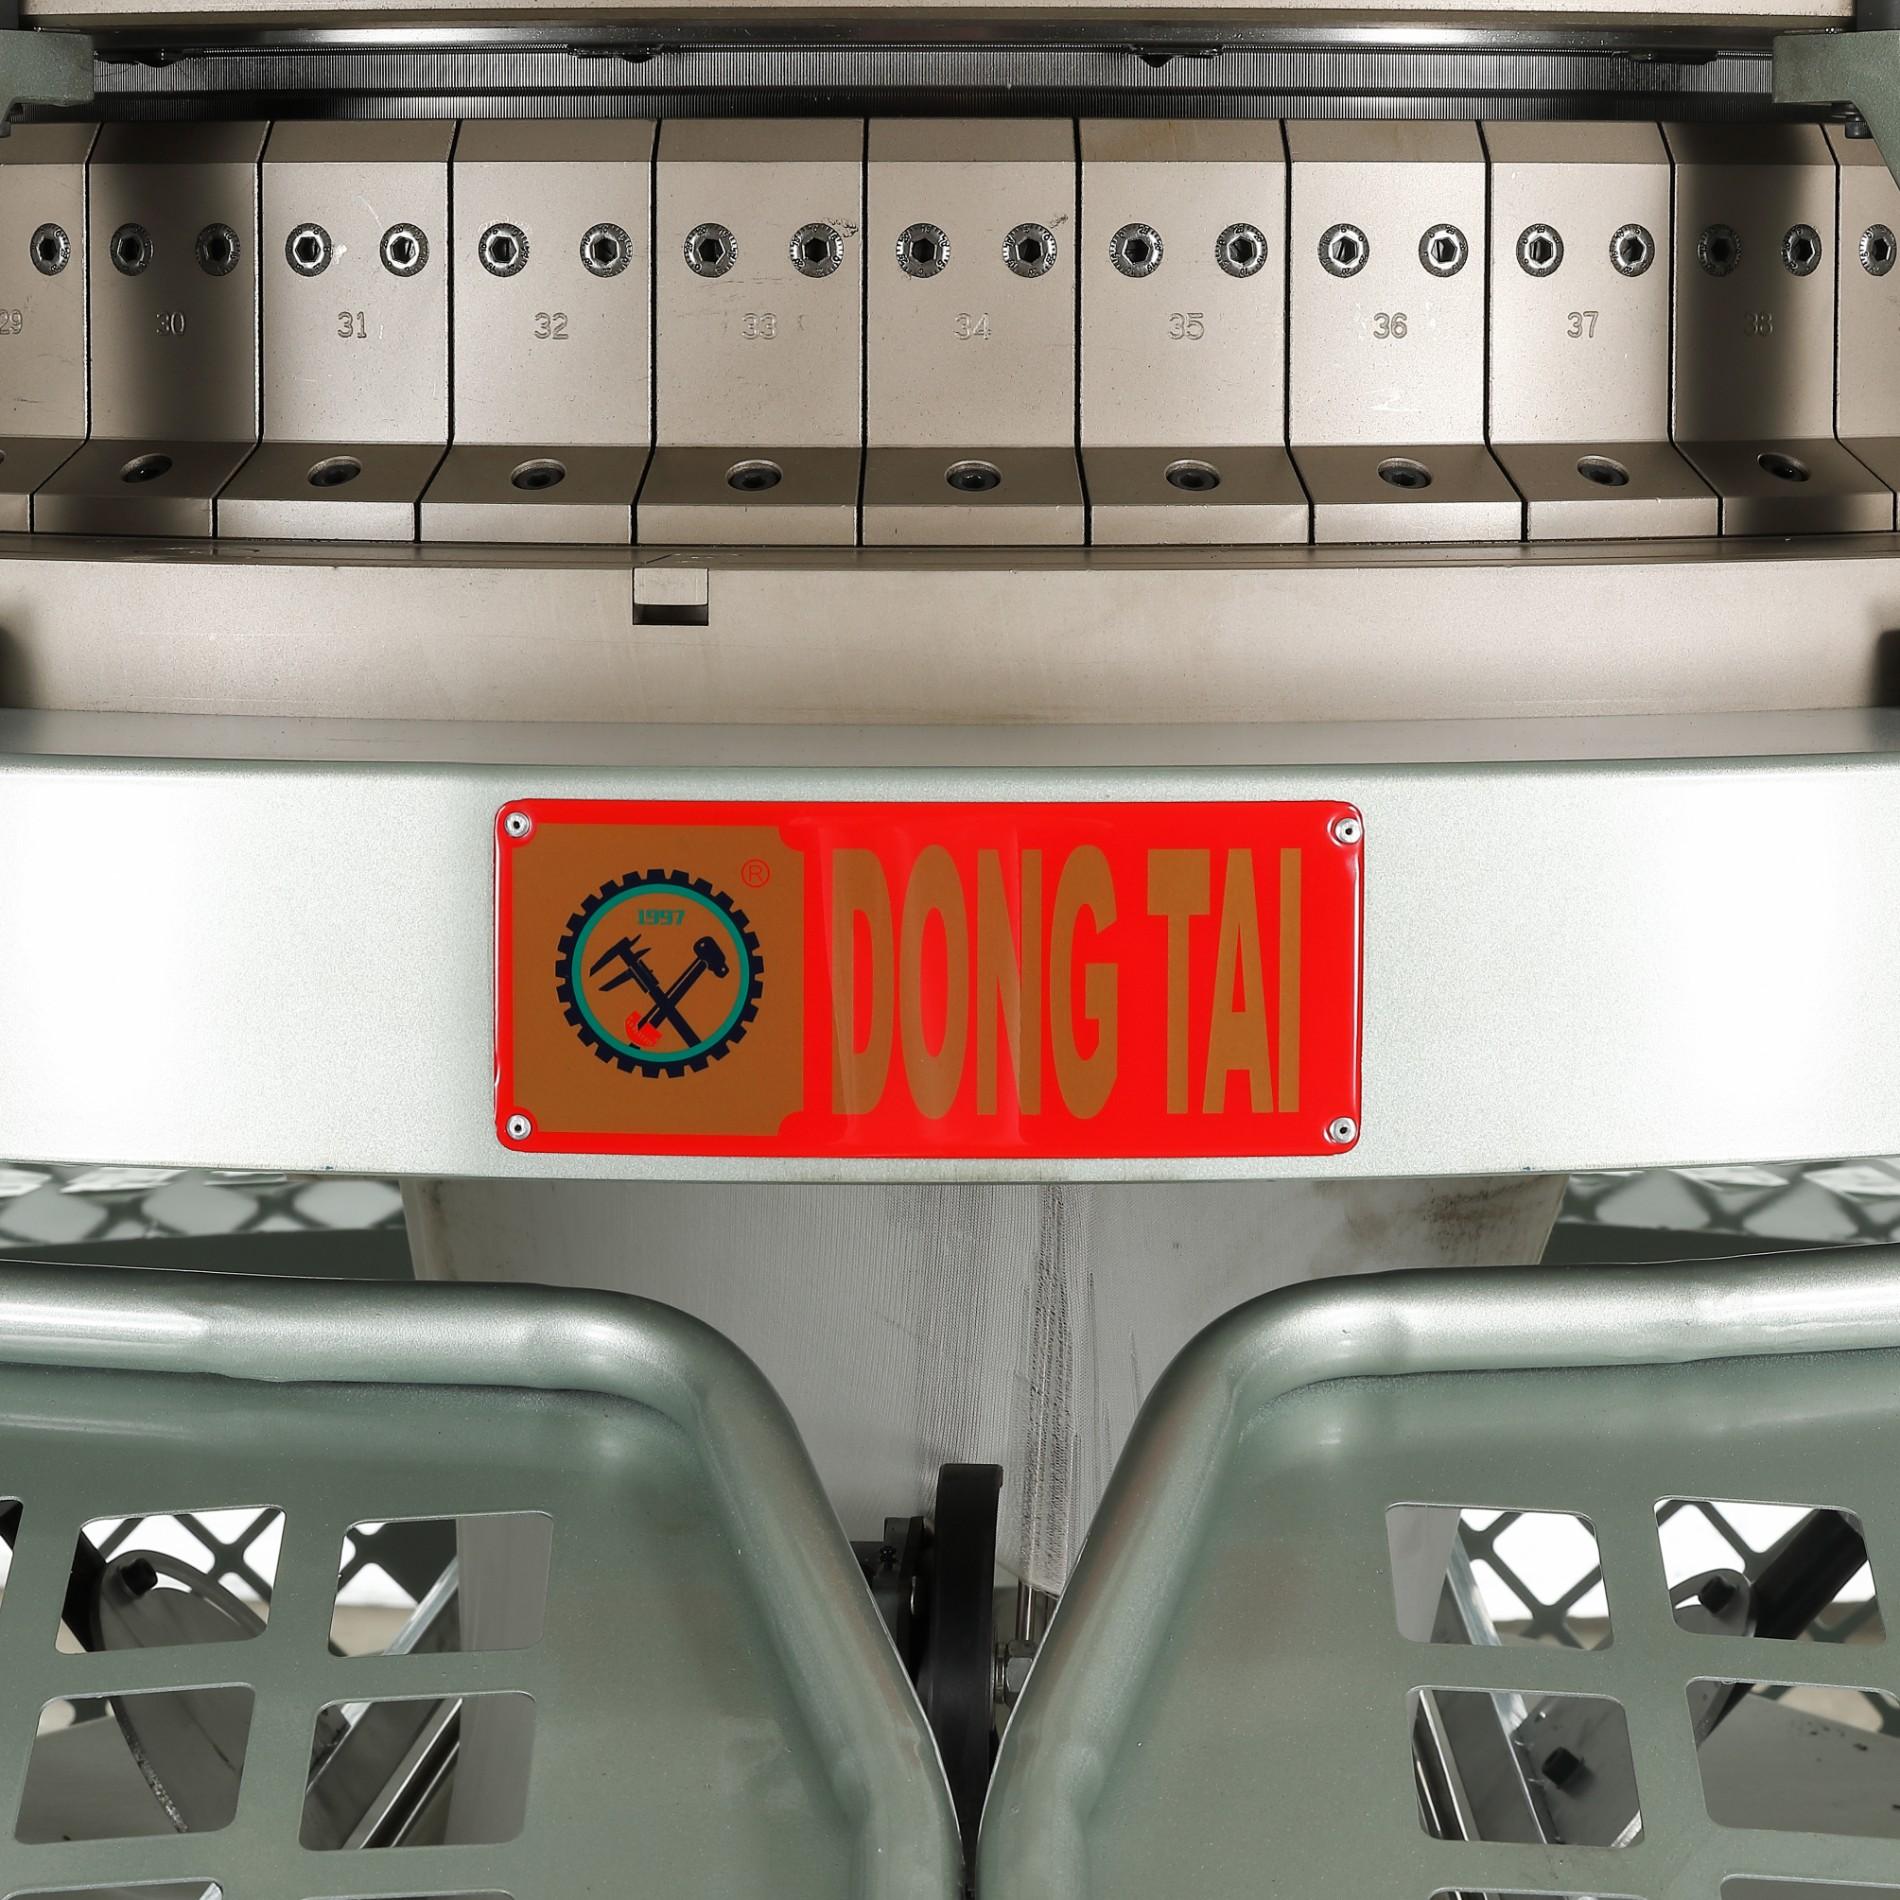 Yüksek Hızlı Tek Açık En Yuvarlak Örgü Makinesi satın al,Yüksek Hızlı Tek Açık En Yuvarlak Örgü Makinesi Fiyatlar,Yüksek Hızlı Tek Açık En Yuvarlak Örgü Makinesi Markalar,Yüksek Hızlı Tek Açık En Yuvarlak Örgü Makinesi Üretici,Yüksek Hızlı Tek Açık En Yuvarlak Örgü Makinesi Alıntılar,Yüksek Hızlı Tek Açık En Yuvarlak Örgü Makinesi Şirket,